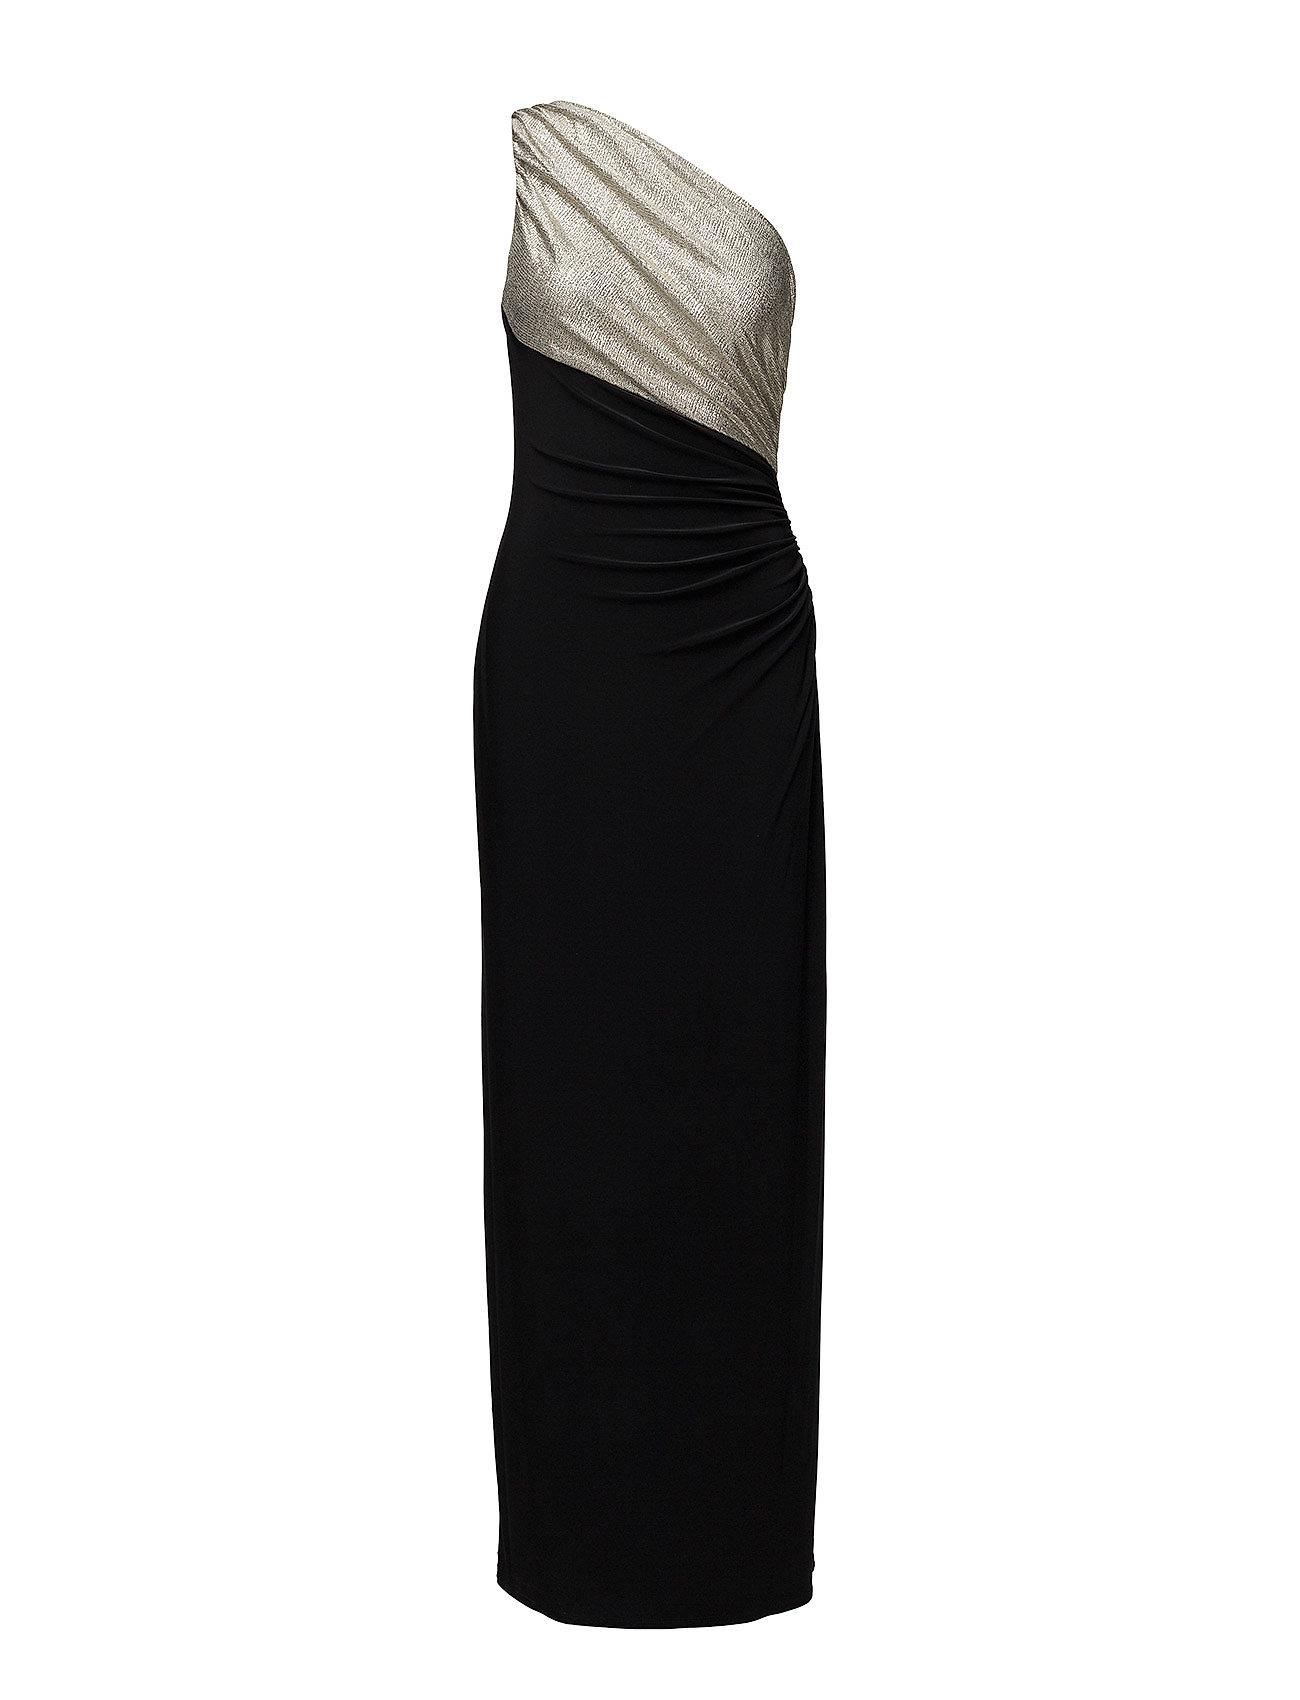 Jersey One-shoulder Gown (Black/gold) (£210) - Lauren Ralph Lauren ...